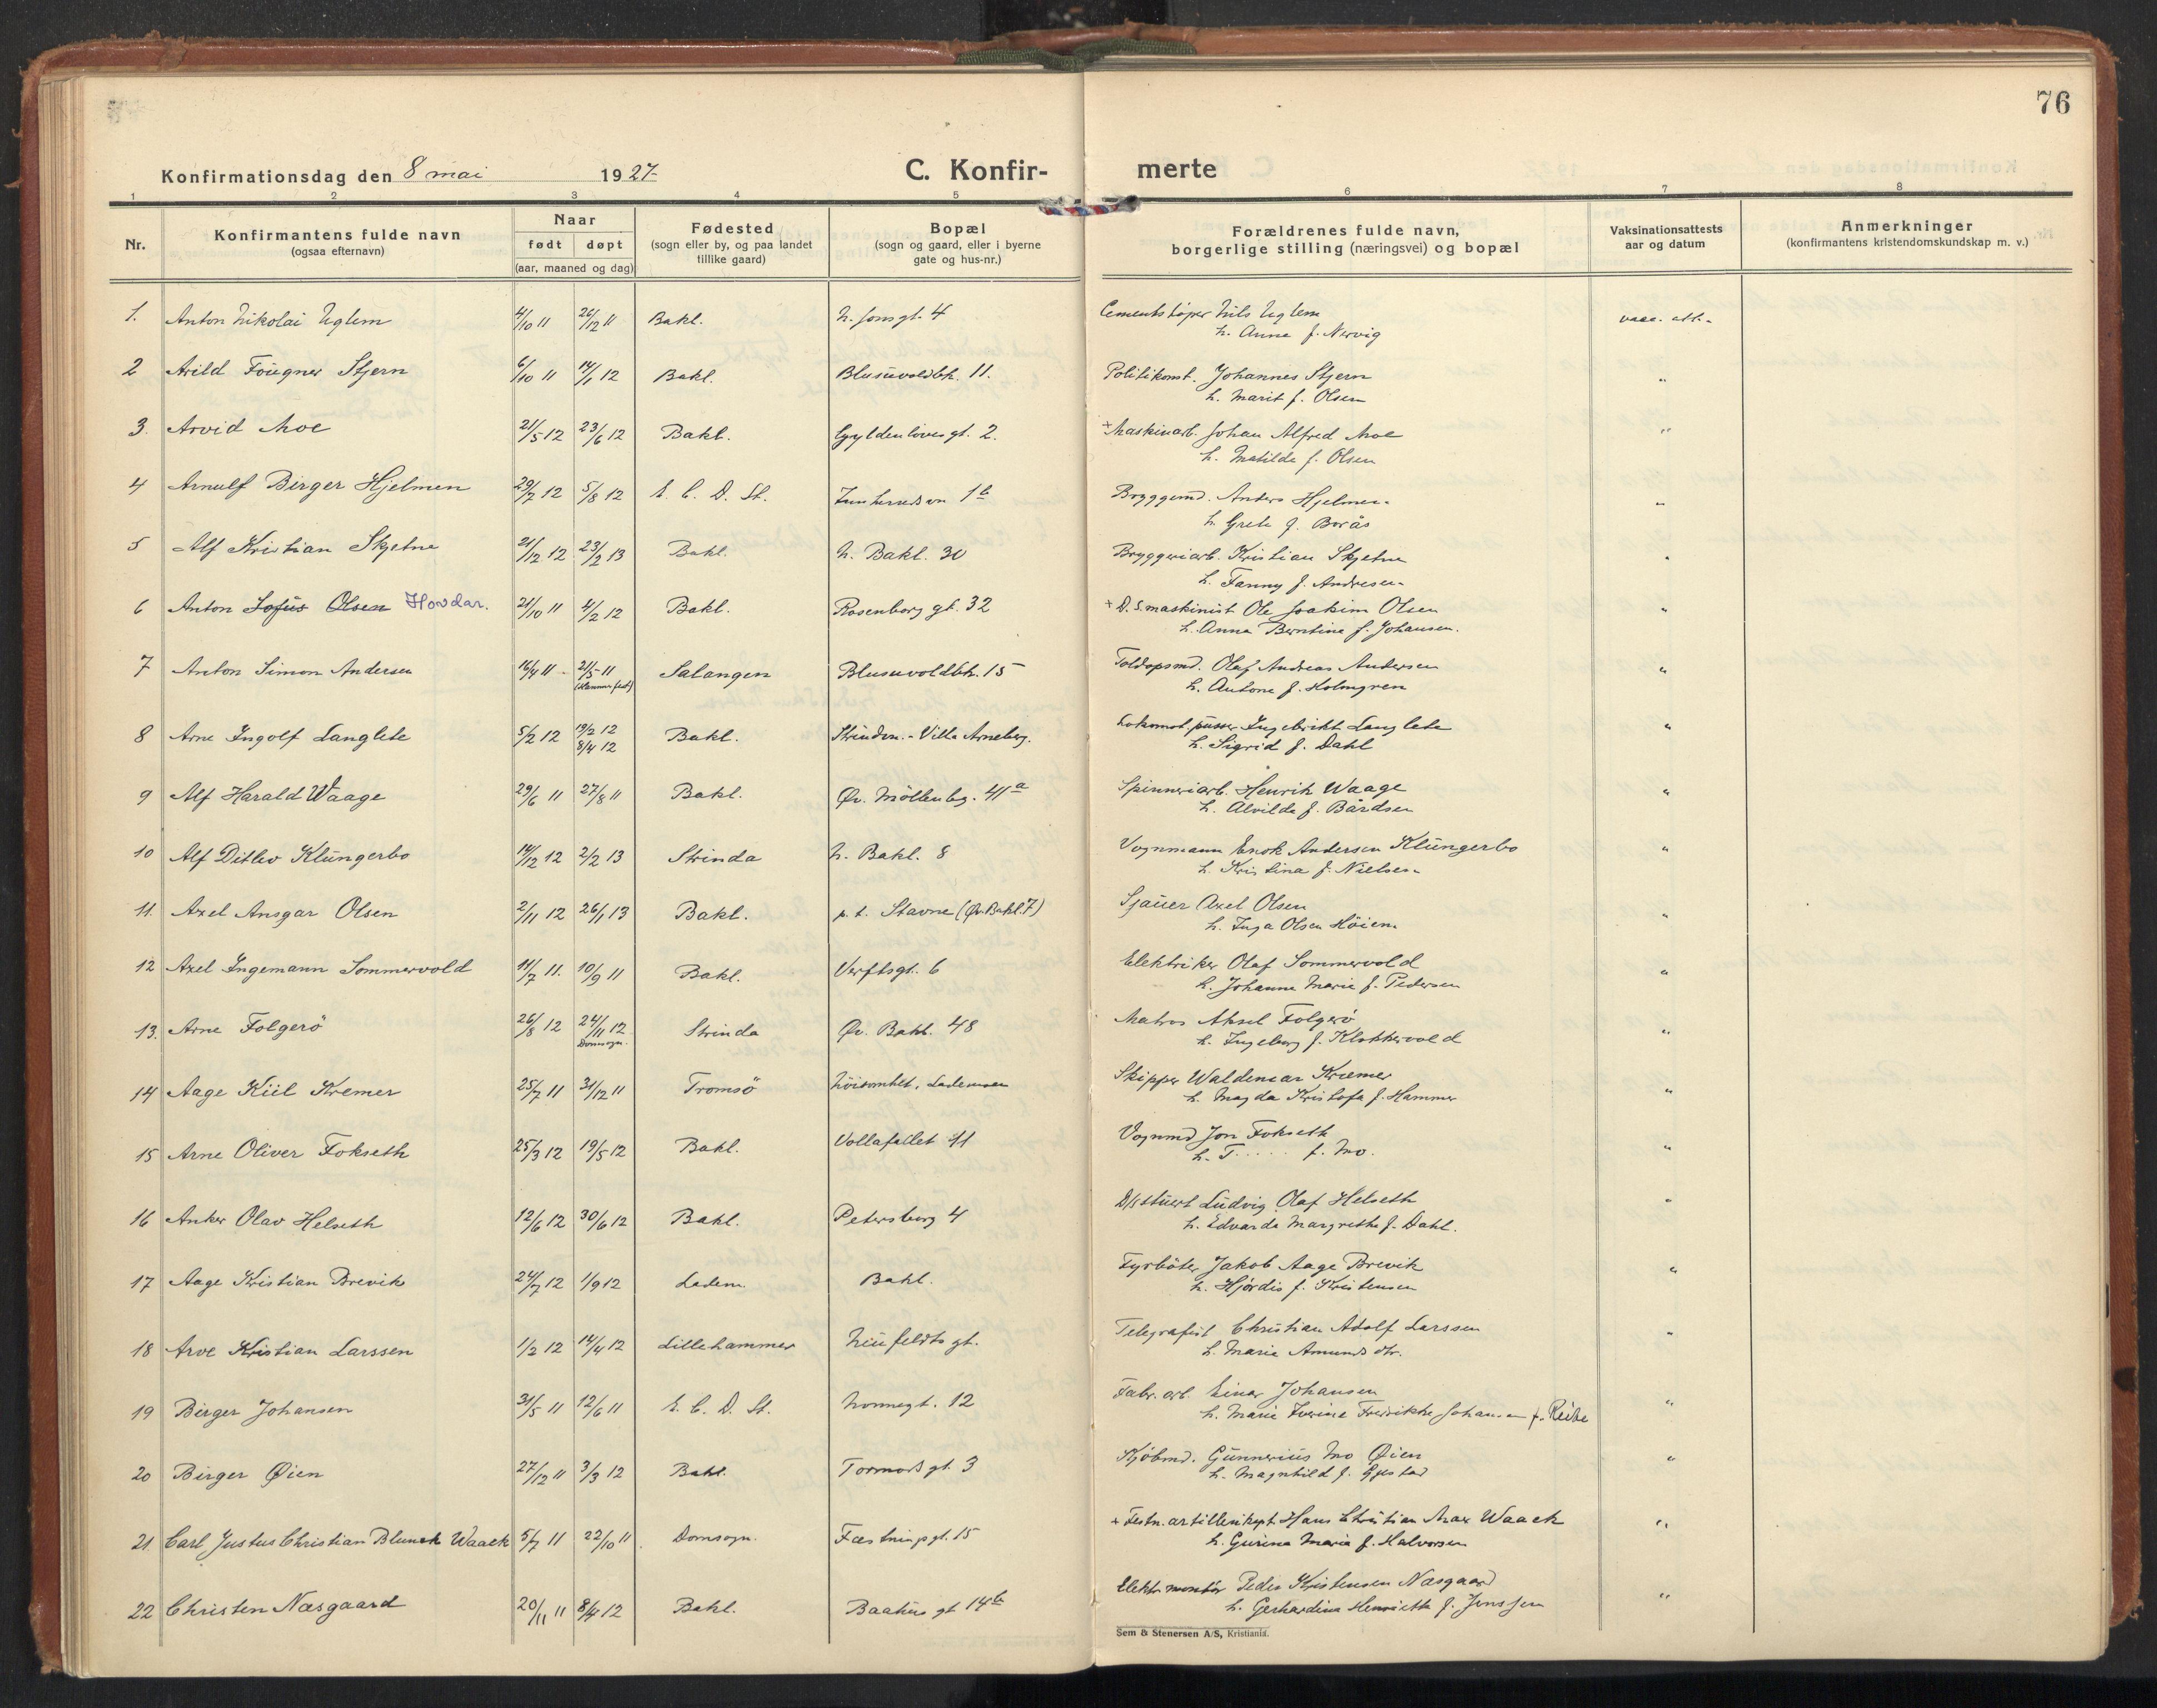 SAT, Ministerialprotokoller, klokkerbøker og fødselsregistre - Sør-Trøndelag, 604/L0208: Ministerialbok nr. 604A28, 1923-1937, s. 76